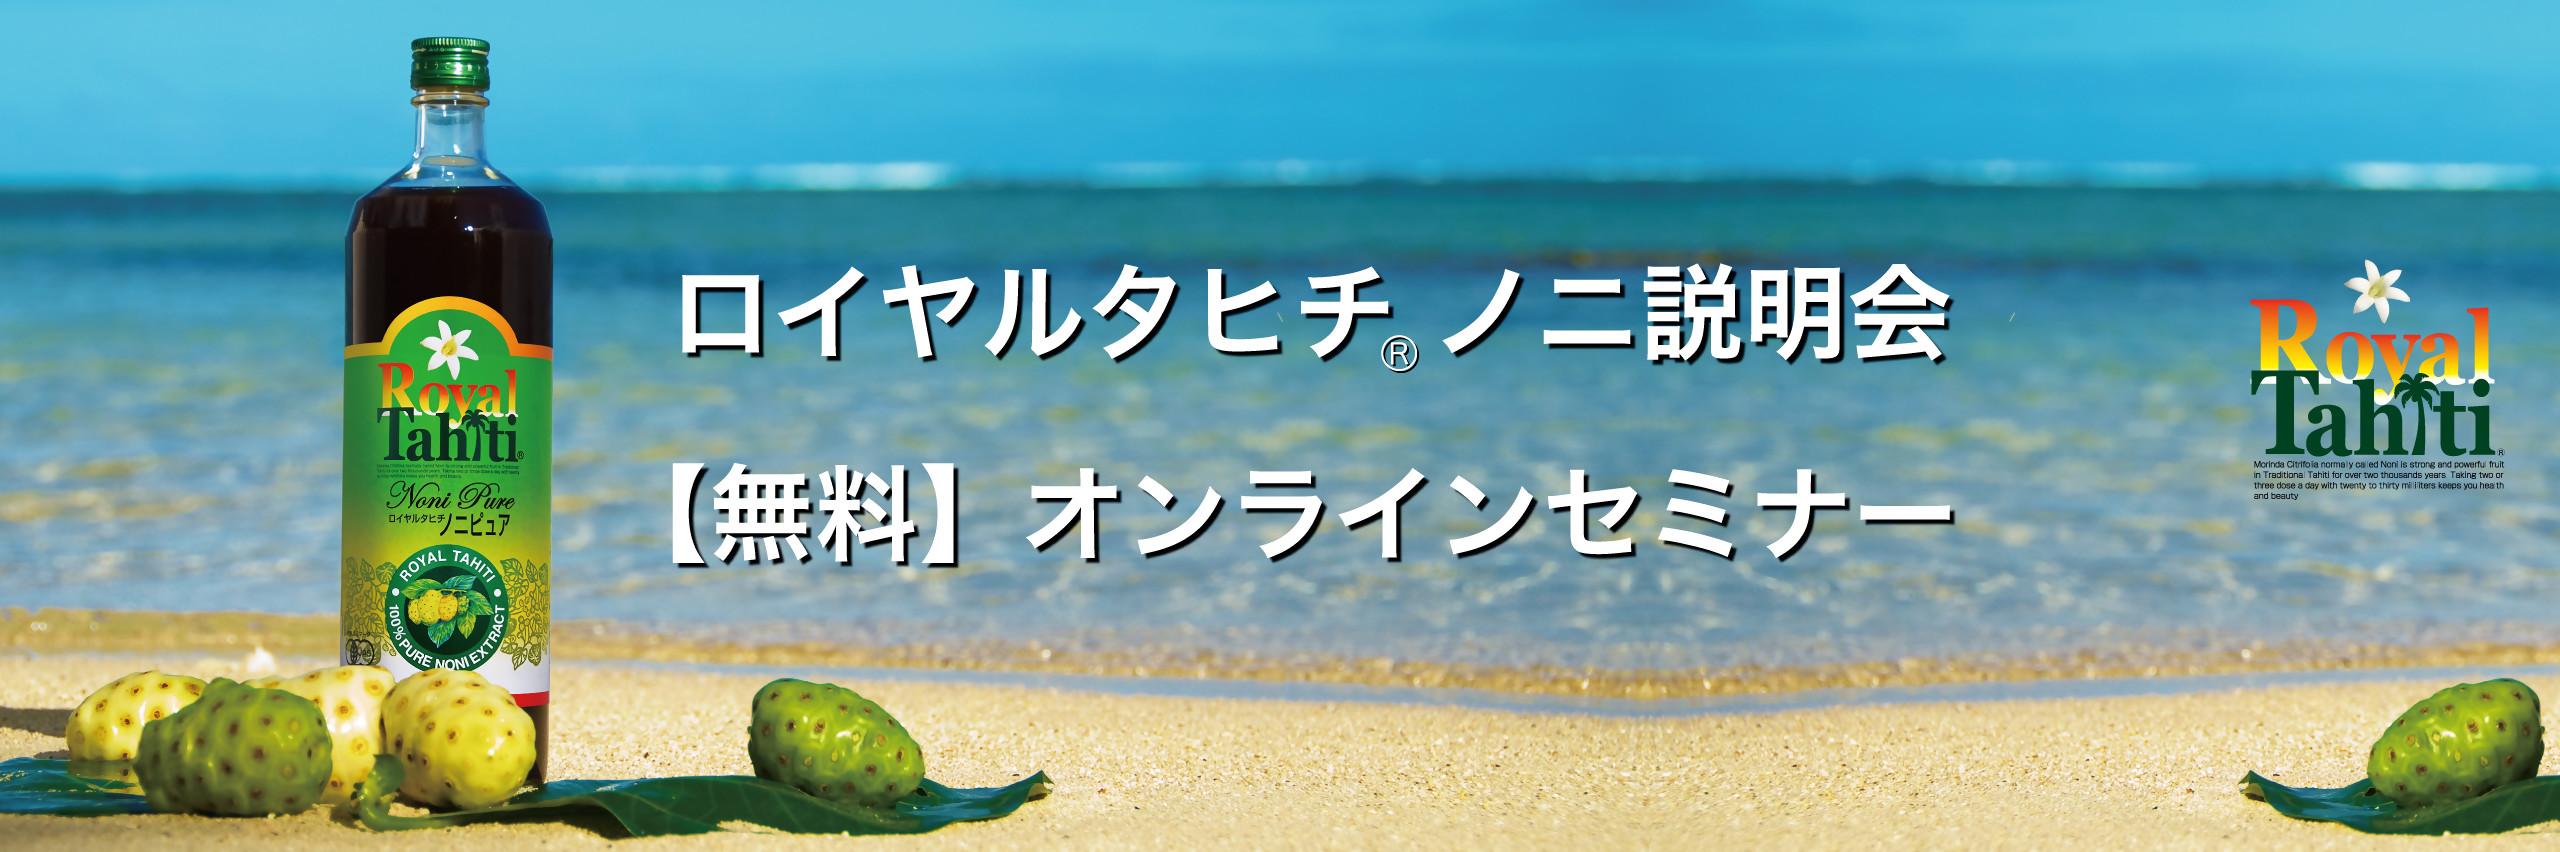 ロイヤルタヒチ®ノニ説明会【無料】オンラインセミナー